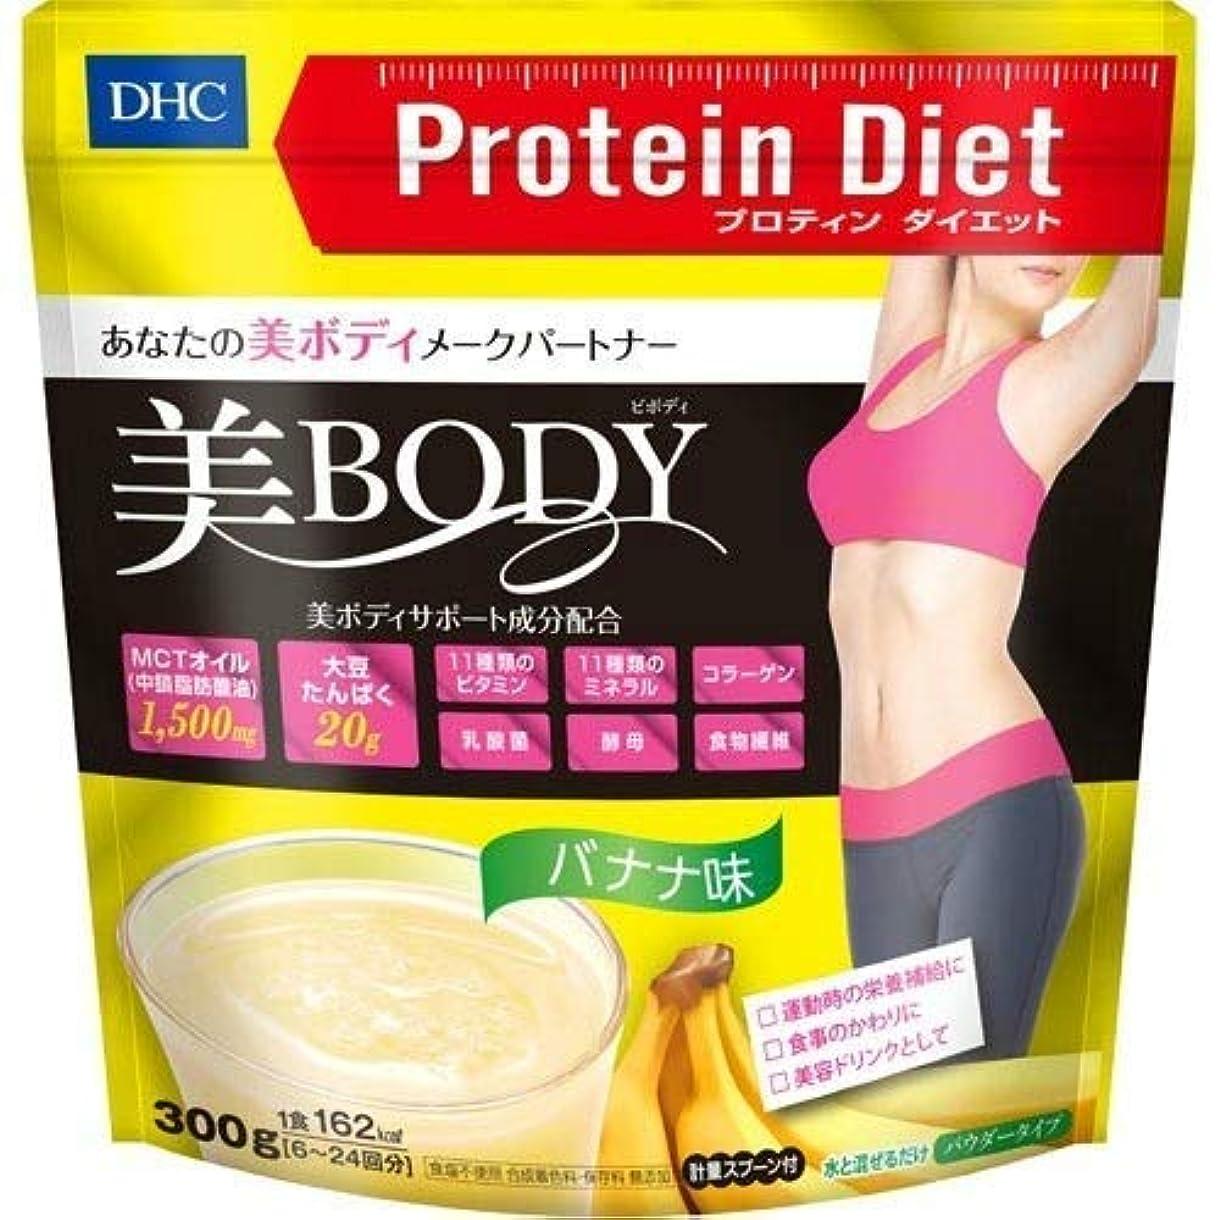 インタラクション検出するシーズンDHC プロテインダイエット 美Body バナナ味 300g × 3個セット